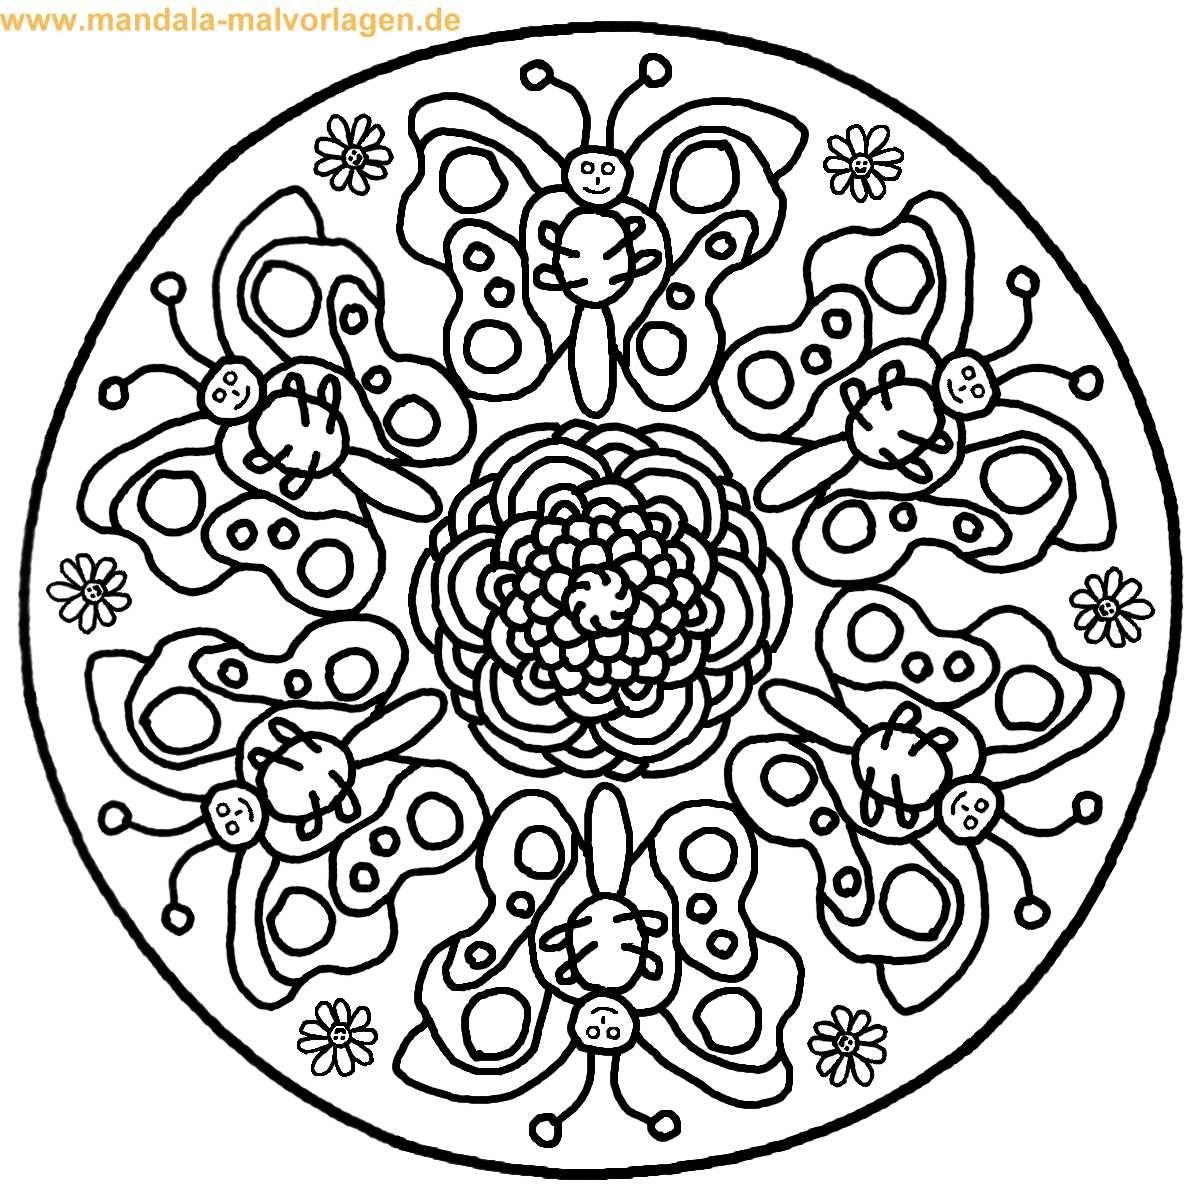 Ausmalbilder Mandala Schmetterling in 18  Mandala coloring